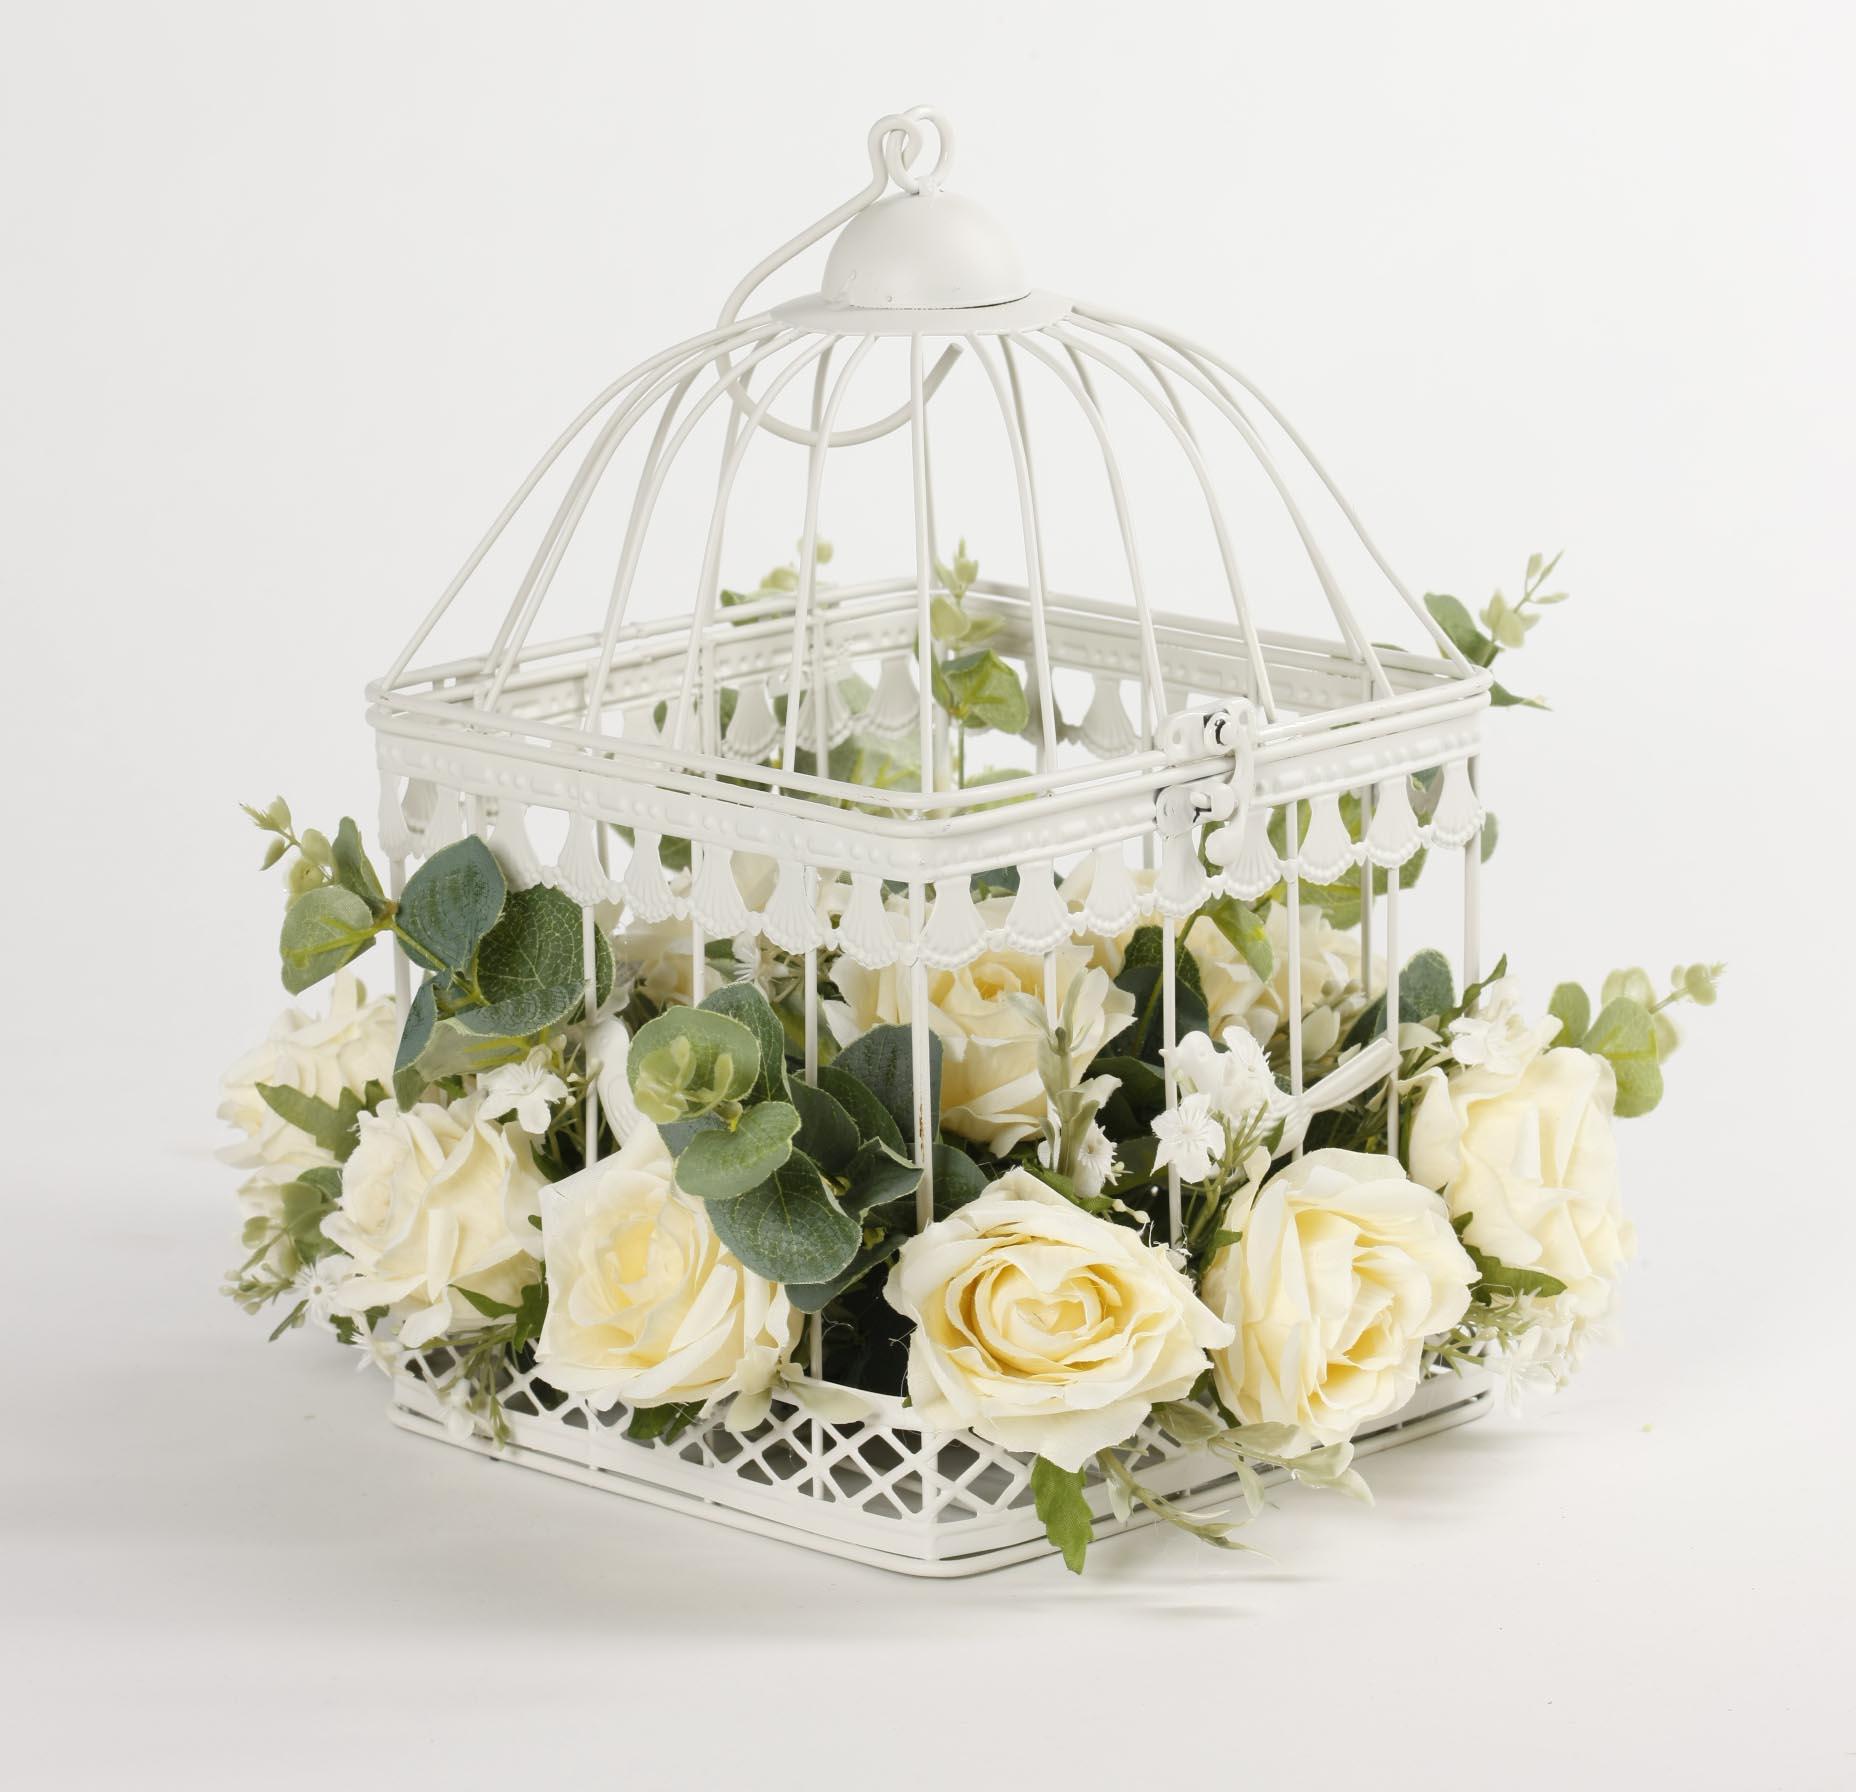 Клетка квадратная с цветами Dolce rosa 30 см